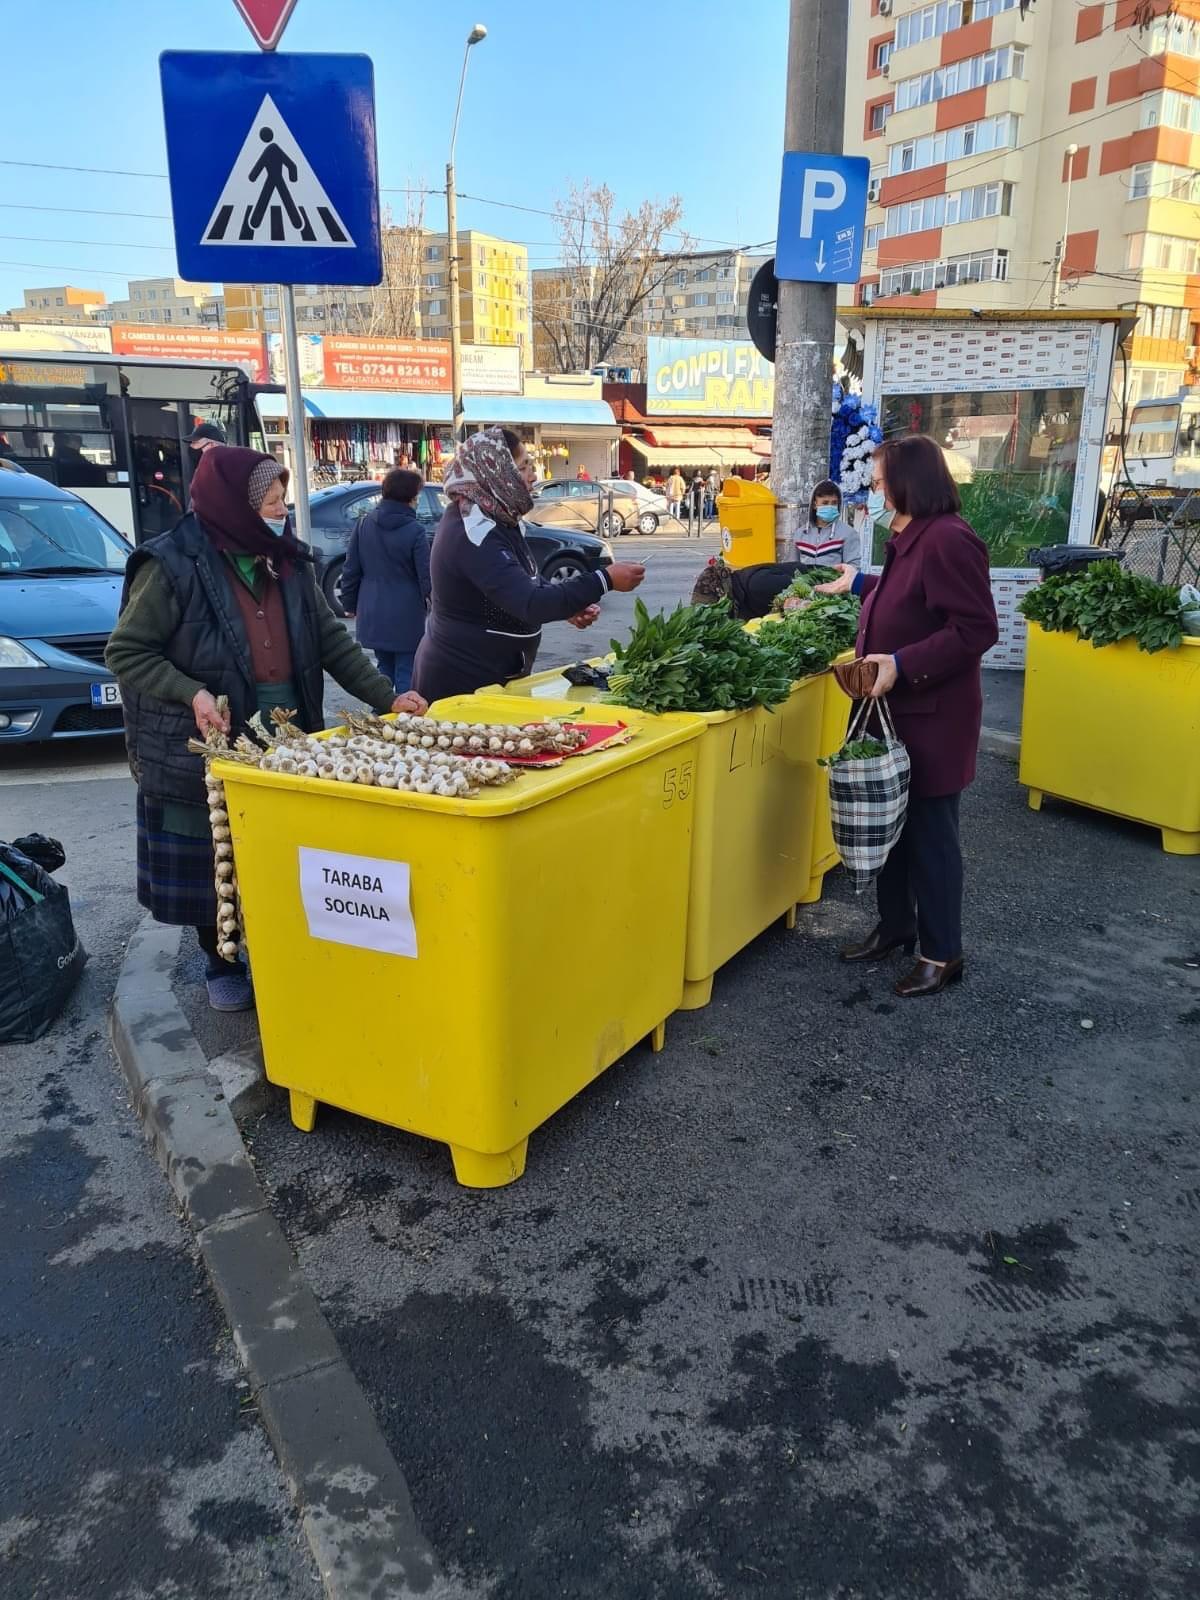 Felicitări Primarului Cristian Popescu Piedone! Bunicuțele care vând câteva legume sau fructe, lângă piețe, nu vor mai fi amendate și vor avea acces gratuit la tarabe